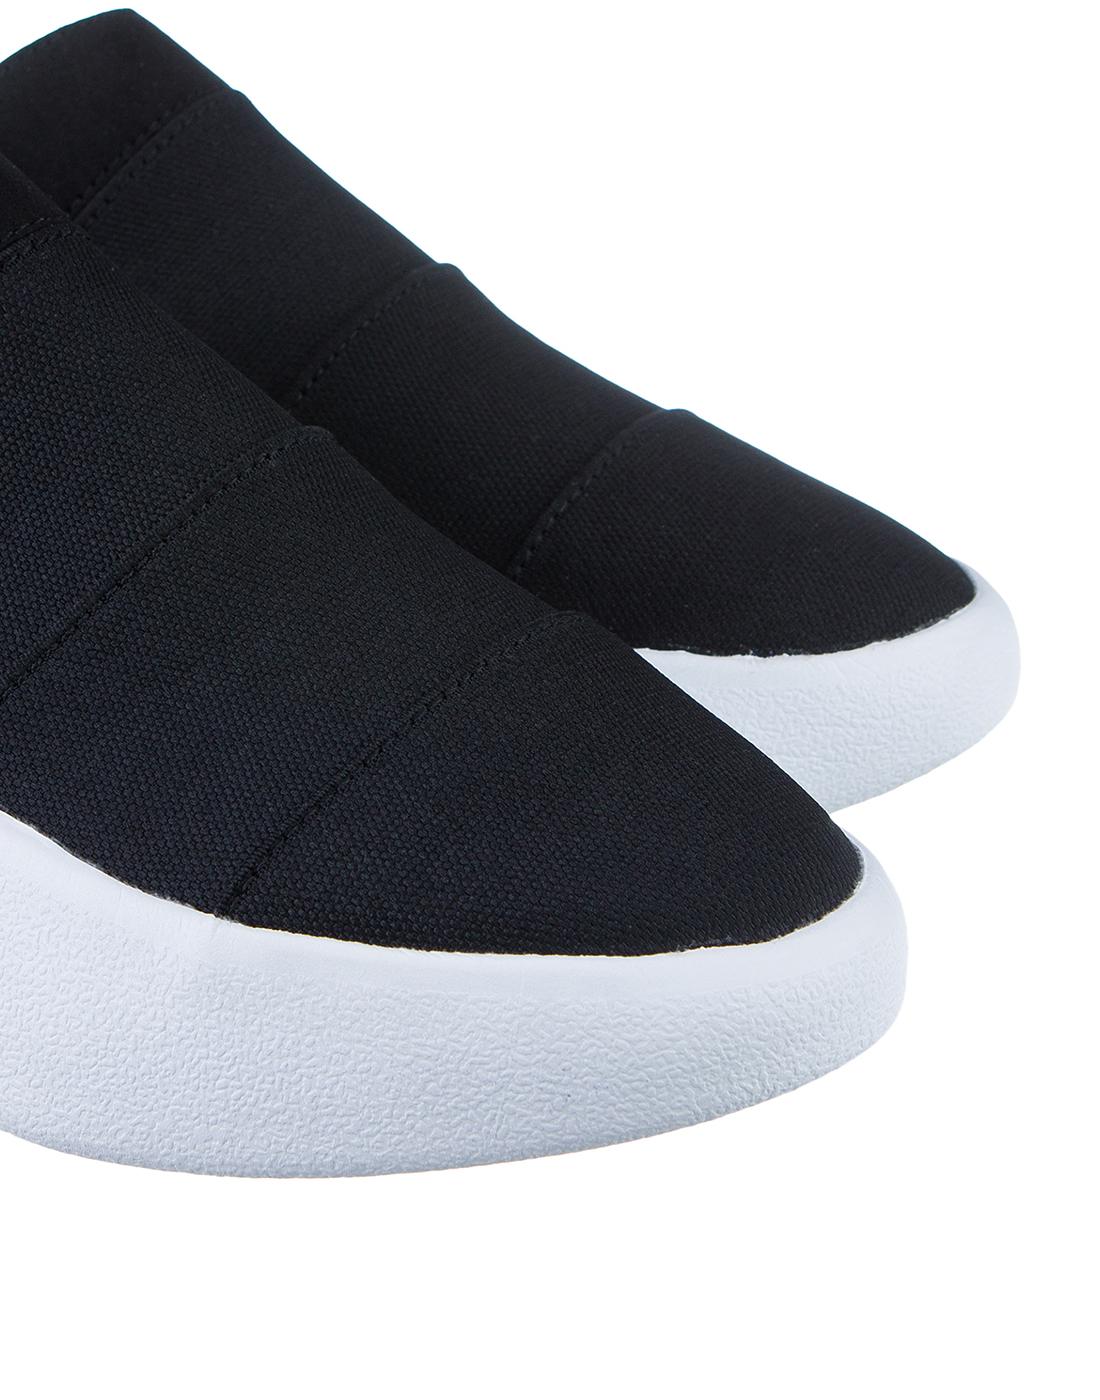 Кроссовки черные женские  FESSURA SSHA019 BLACK-4